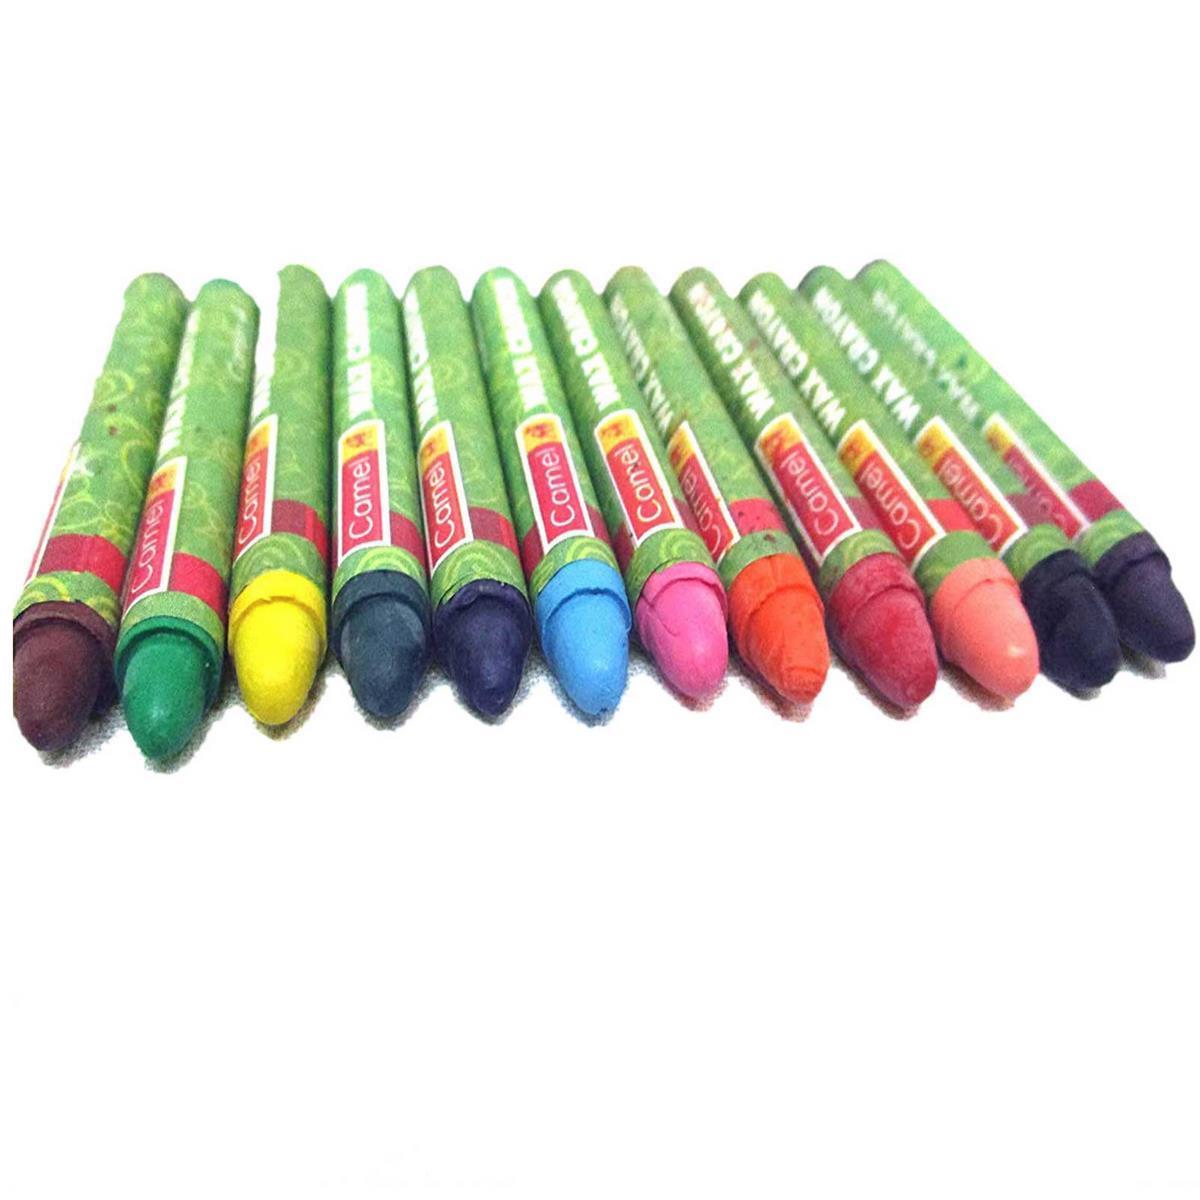 Camlin Wax Crayons 4520634